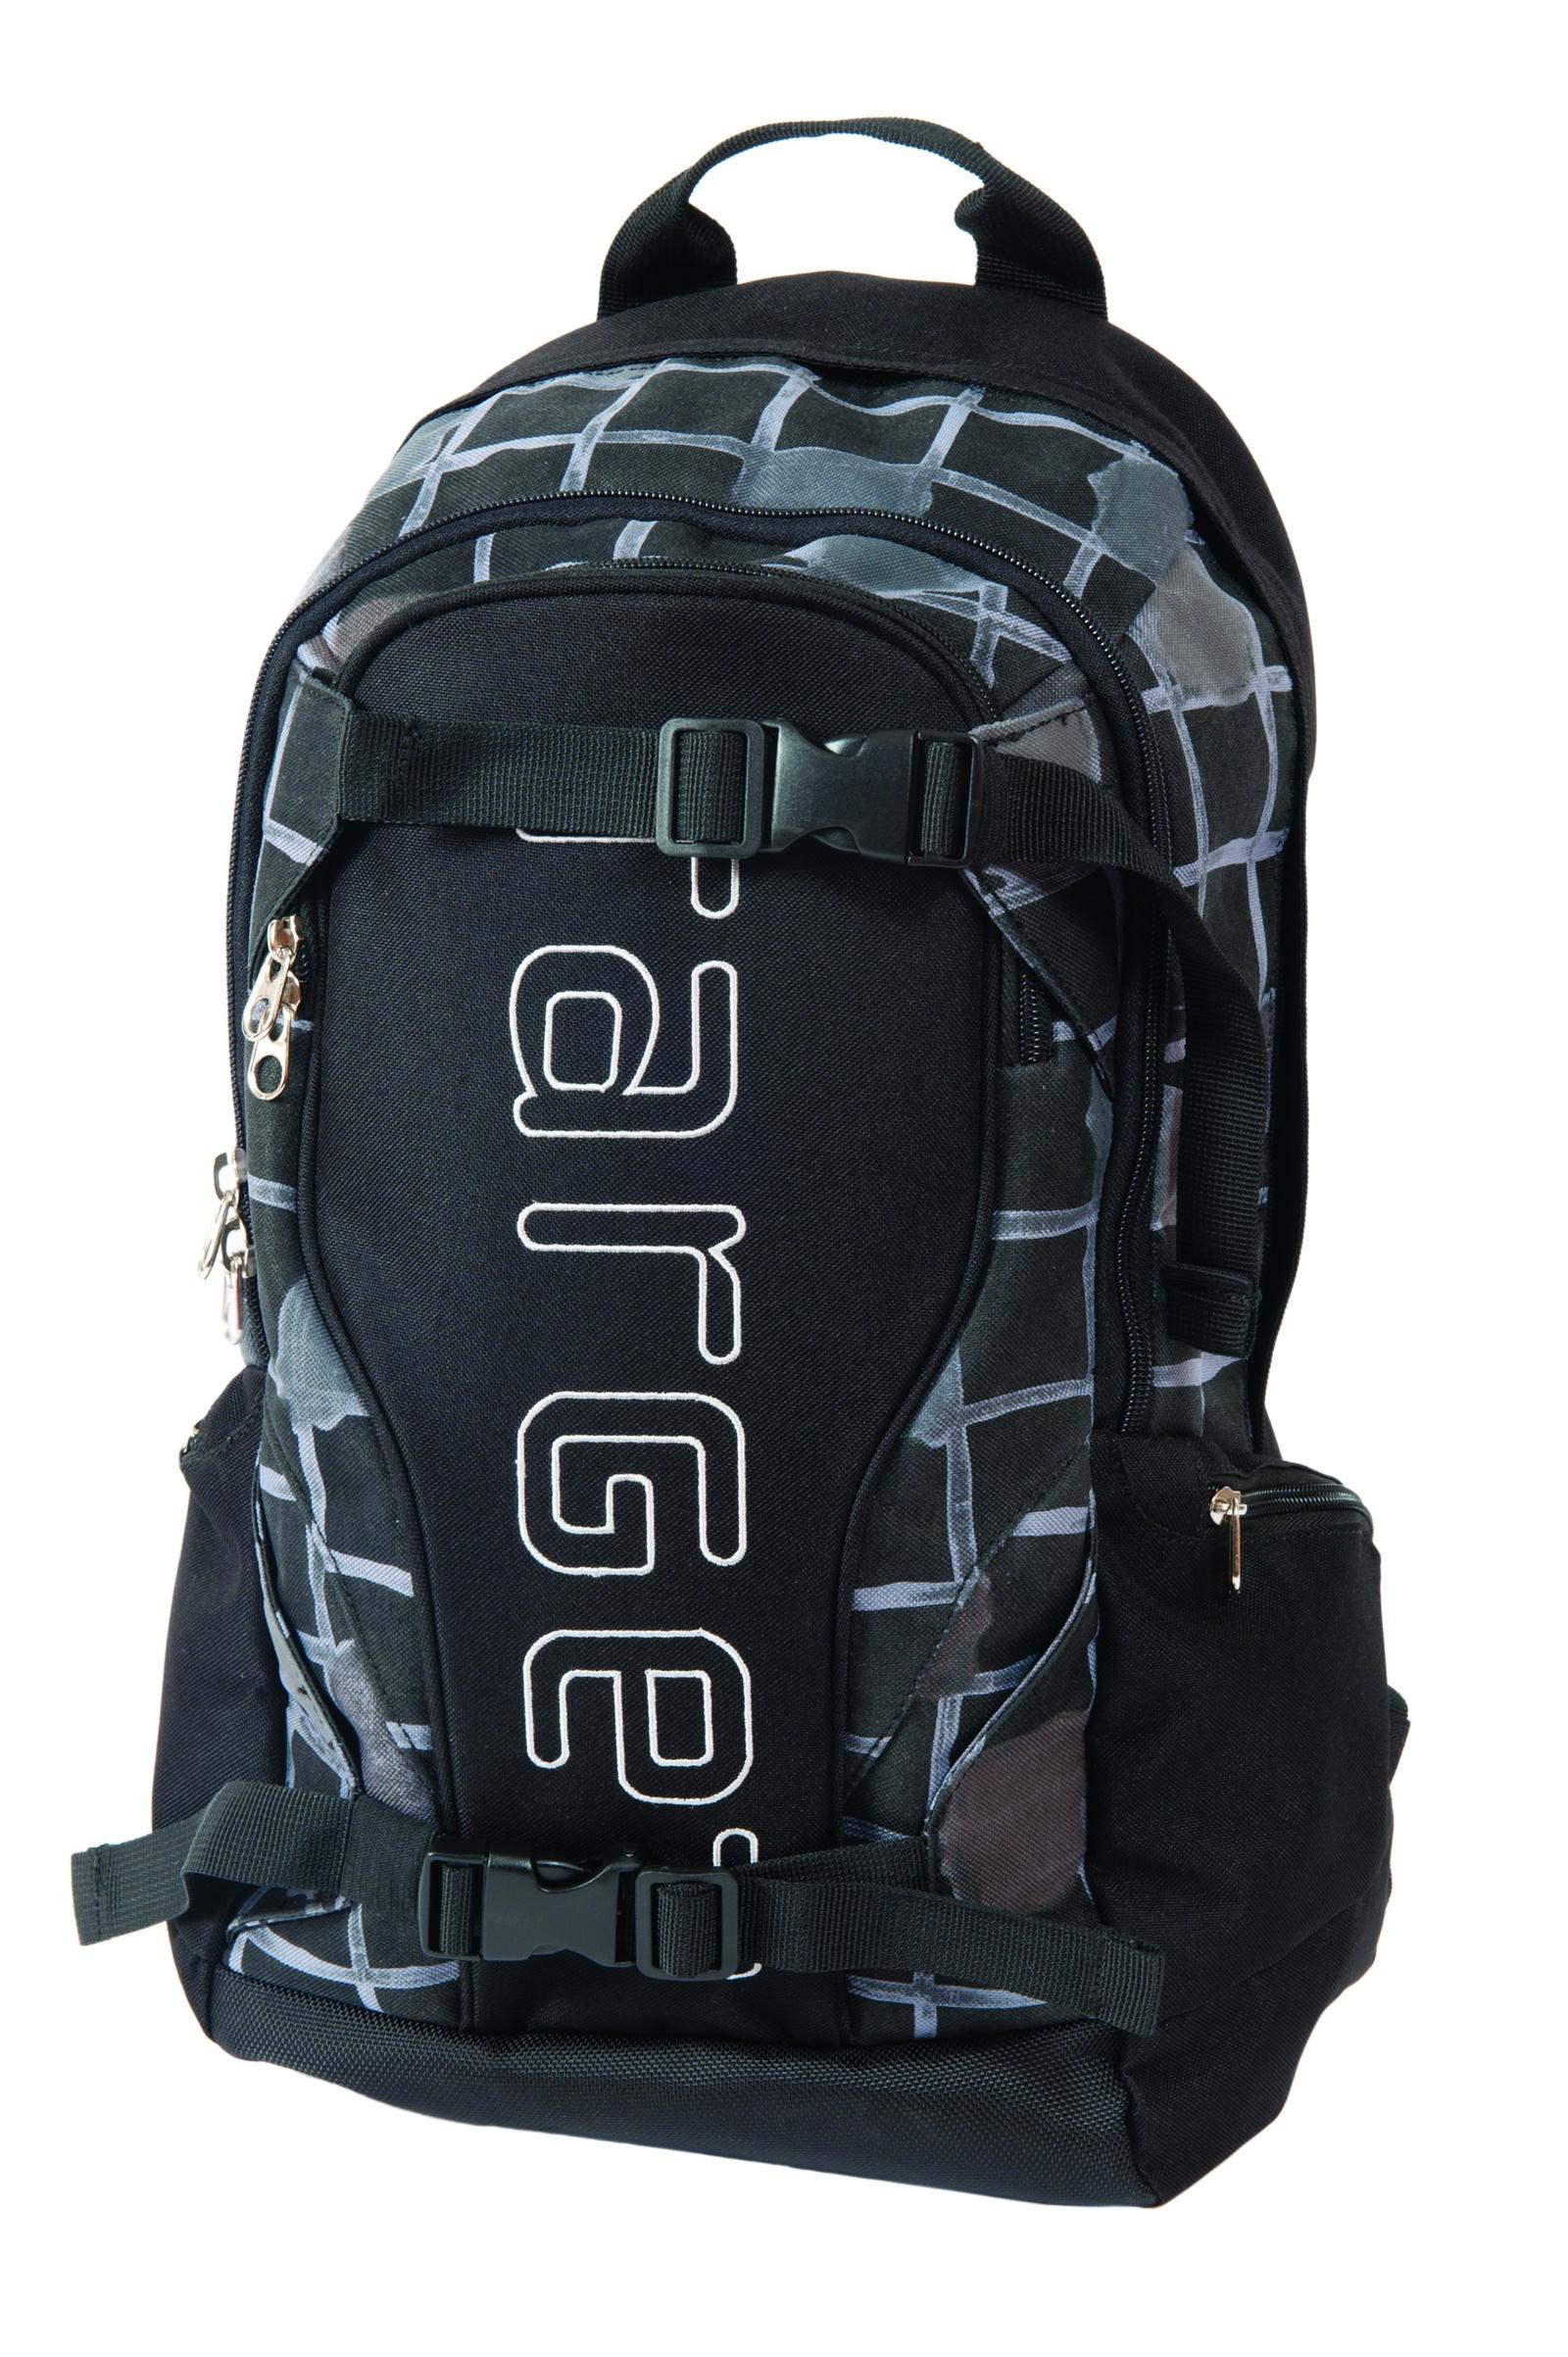 Рюкзак Target KICKFLIP, черный, серый недорго, оригинальная цена